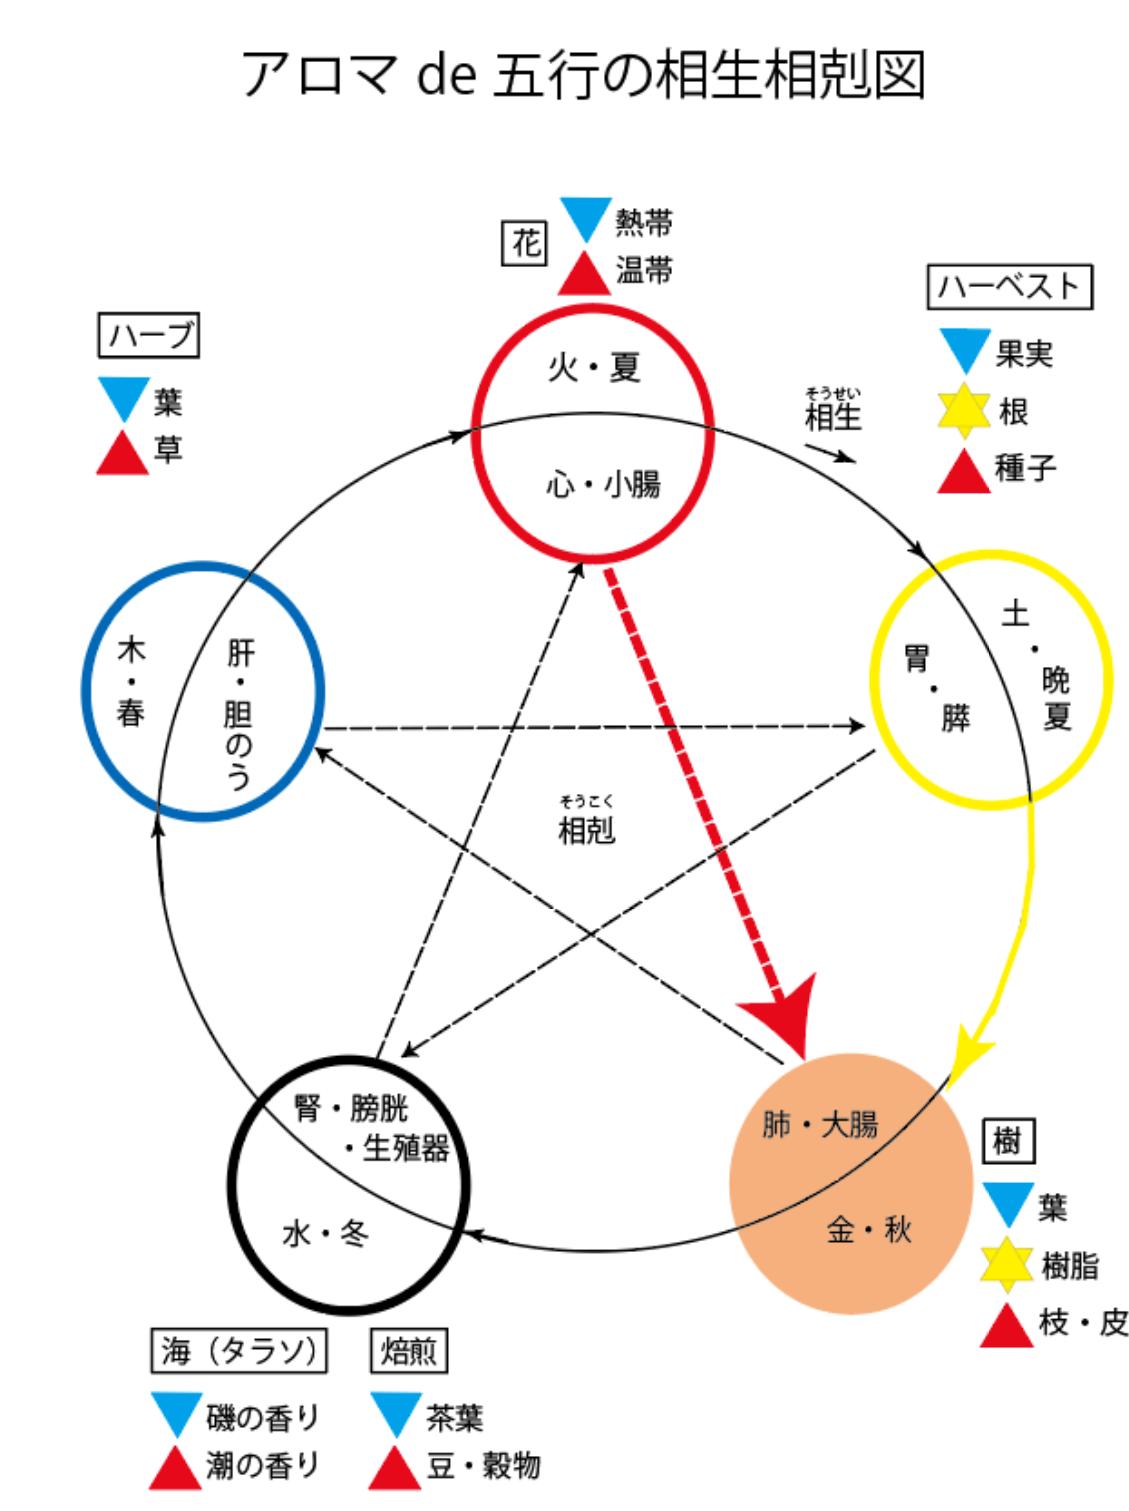 アロマde陰陽五行の相生相克(6回目)